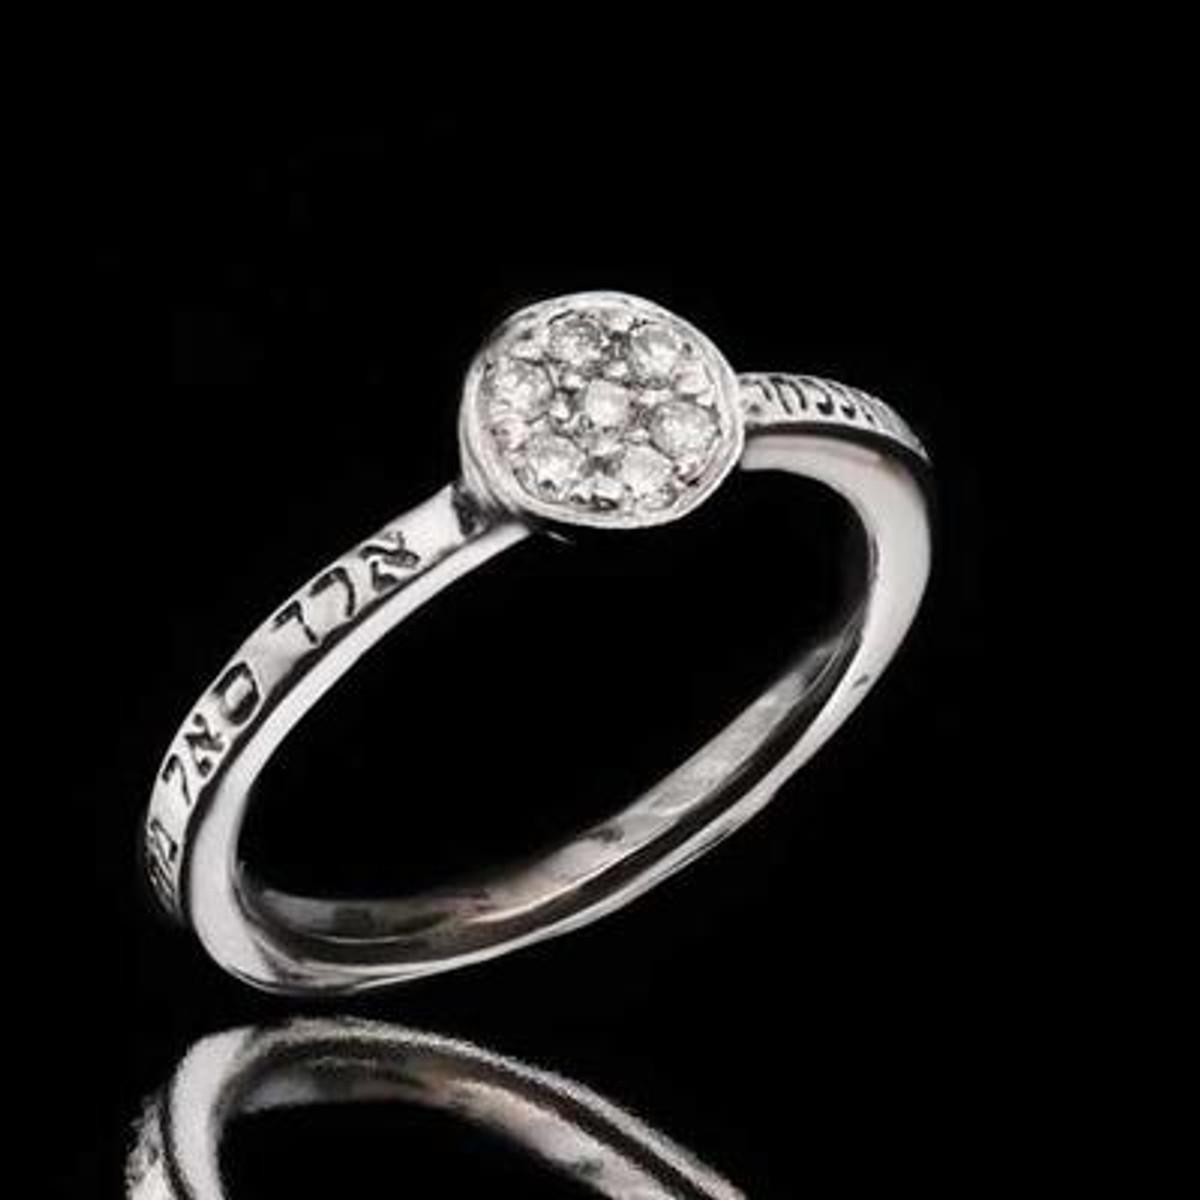 Kabbalah Amulet Diamond Ring For Abundance